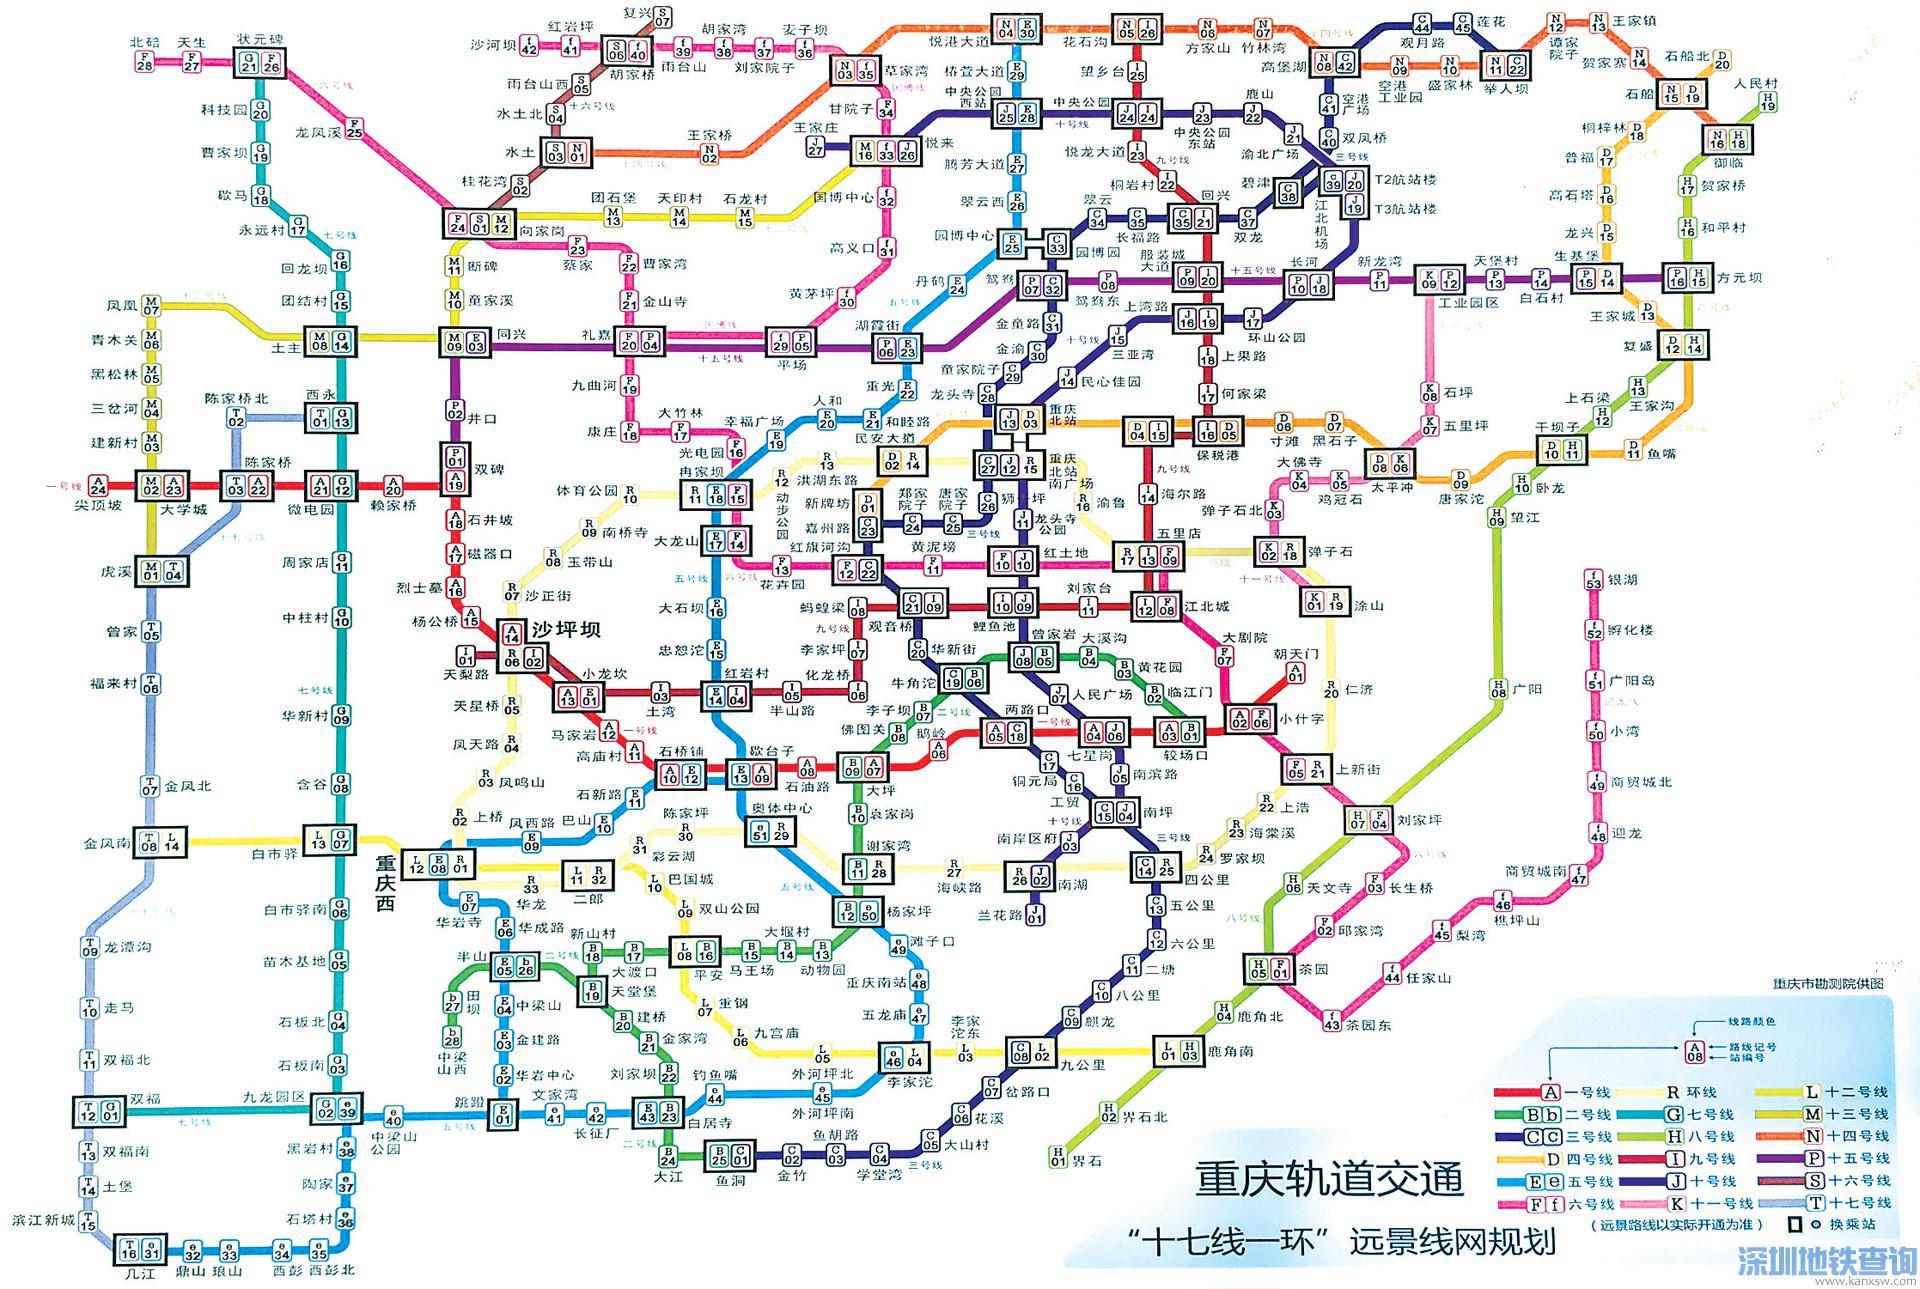 重庆地铁轻轨9号线二期换乘方案 附换乘站点 换乘线路大全